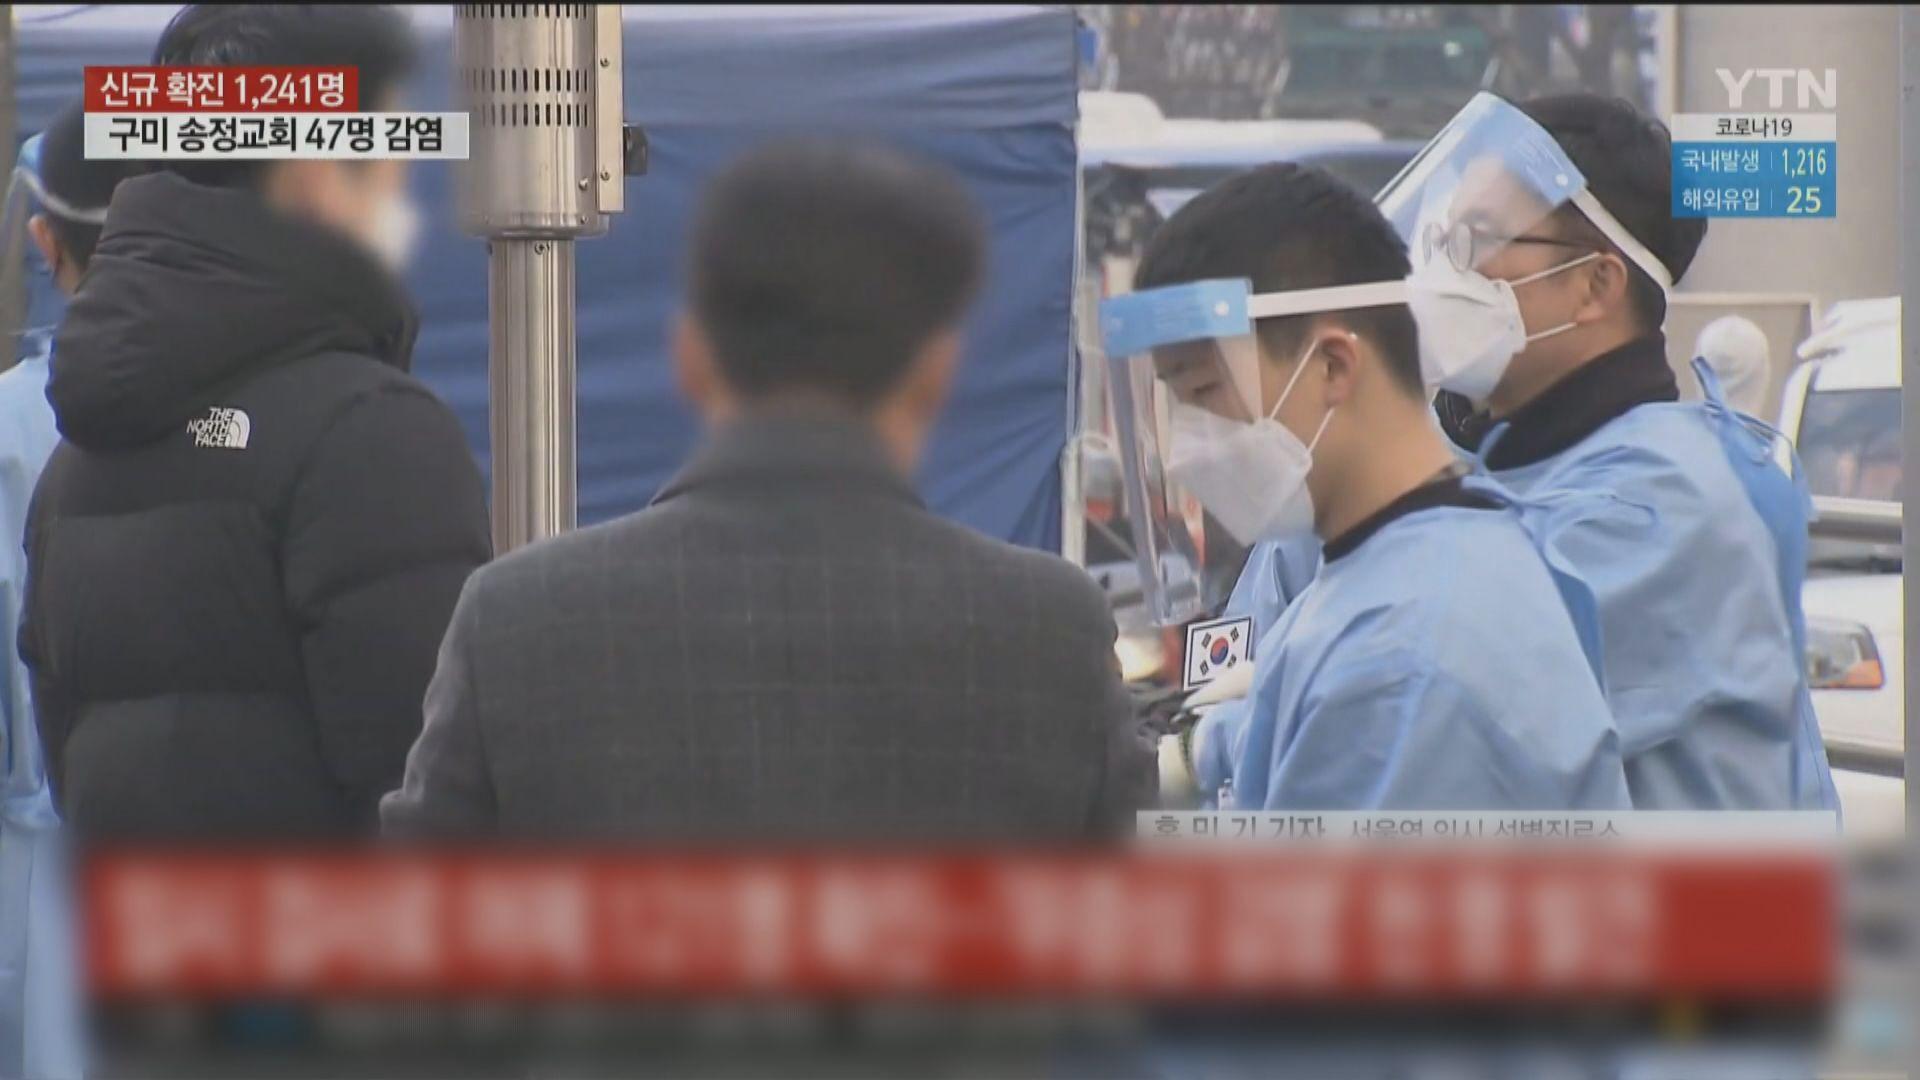 單日確診創新高 南韓周末公布調整防疫響應級別方案